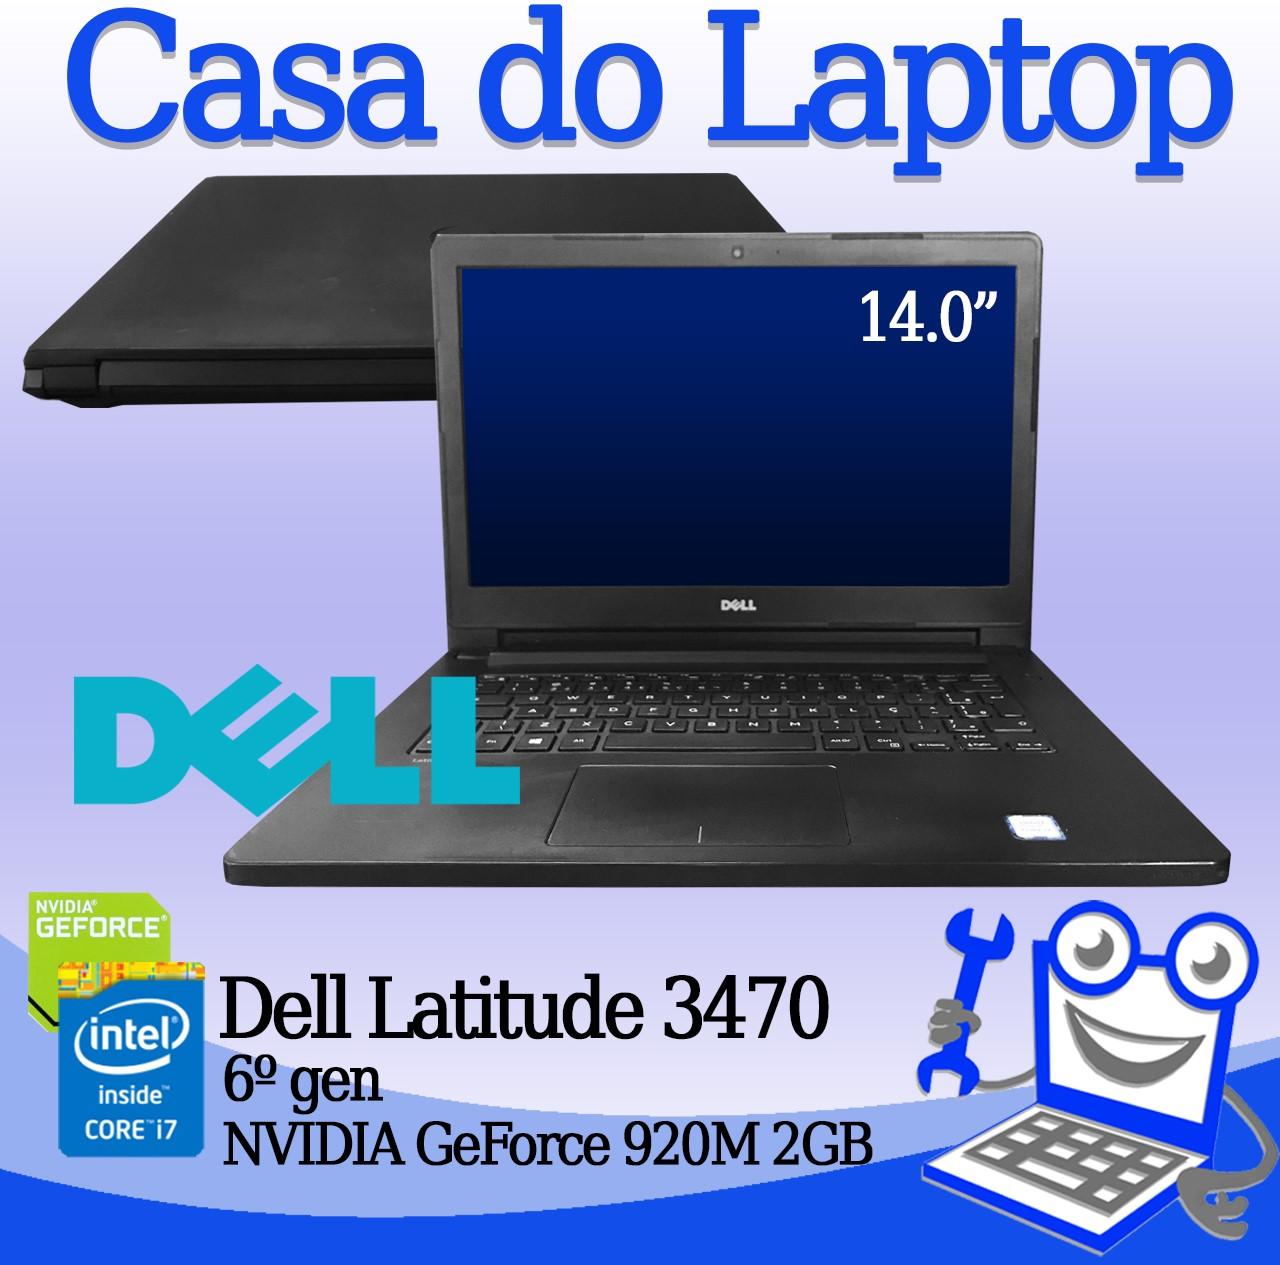 Laptop Dell Latitude 3470 Intel i7 6a. Geração 12GB de mémoria RAM, 120GB SSD e 2GB de vídeo dedicado GeForce 920M